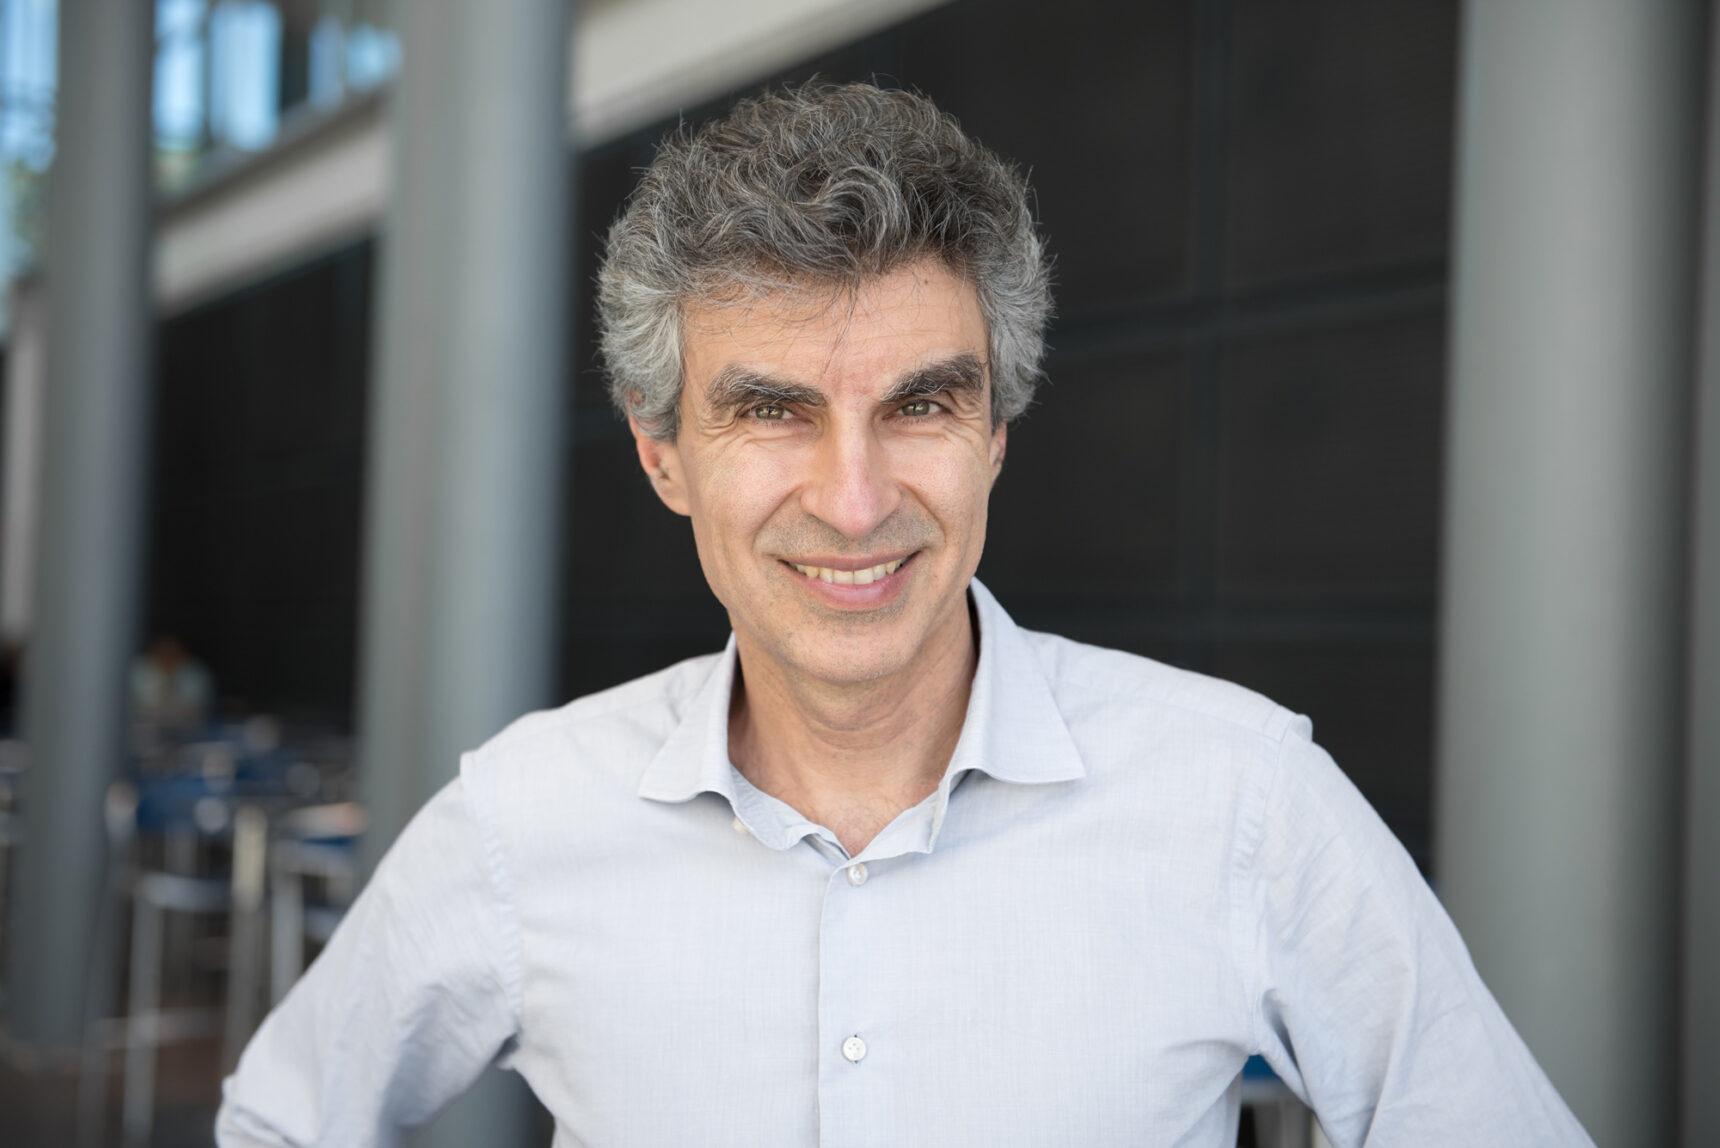 Foto de Yoshua Bengio, informático de la Universidad de Montreal, director científico de Quebec.